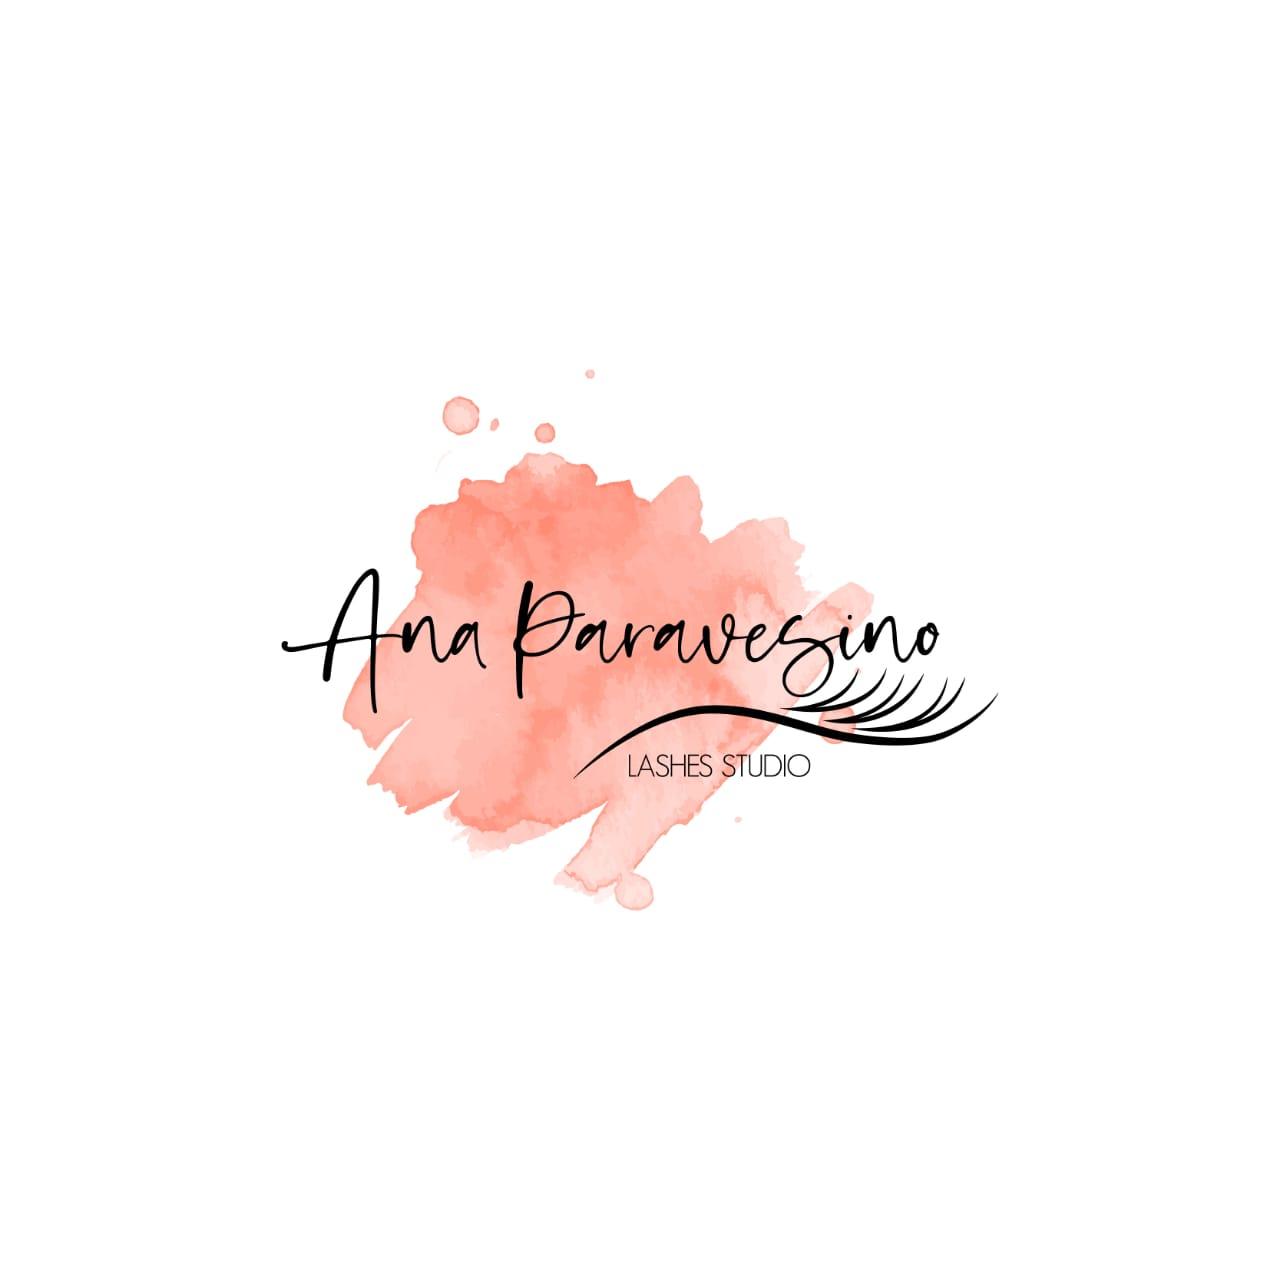 Ana Paravesino